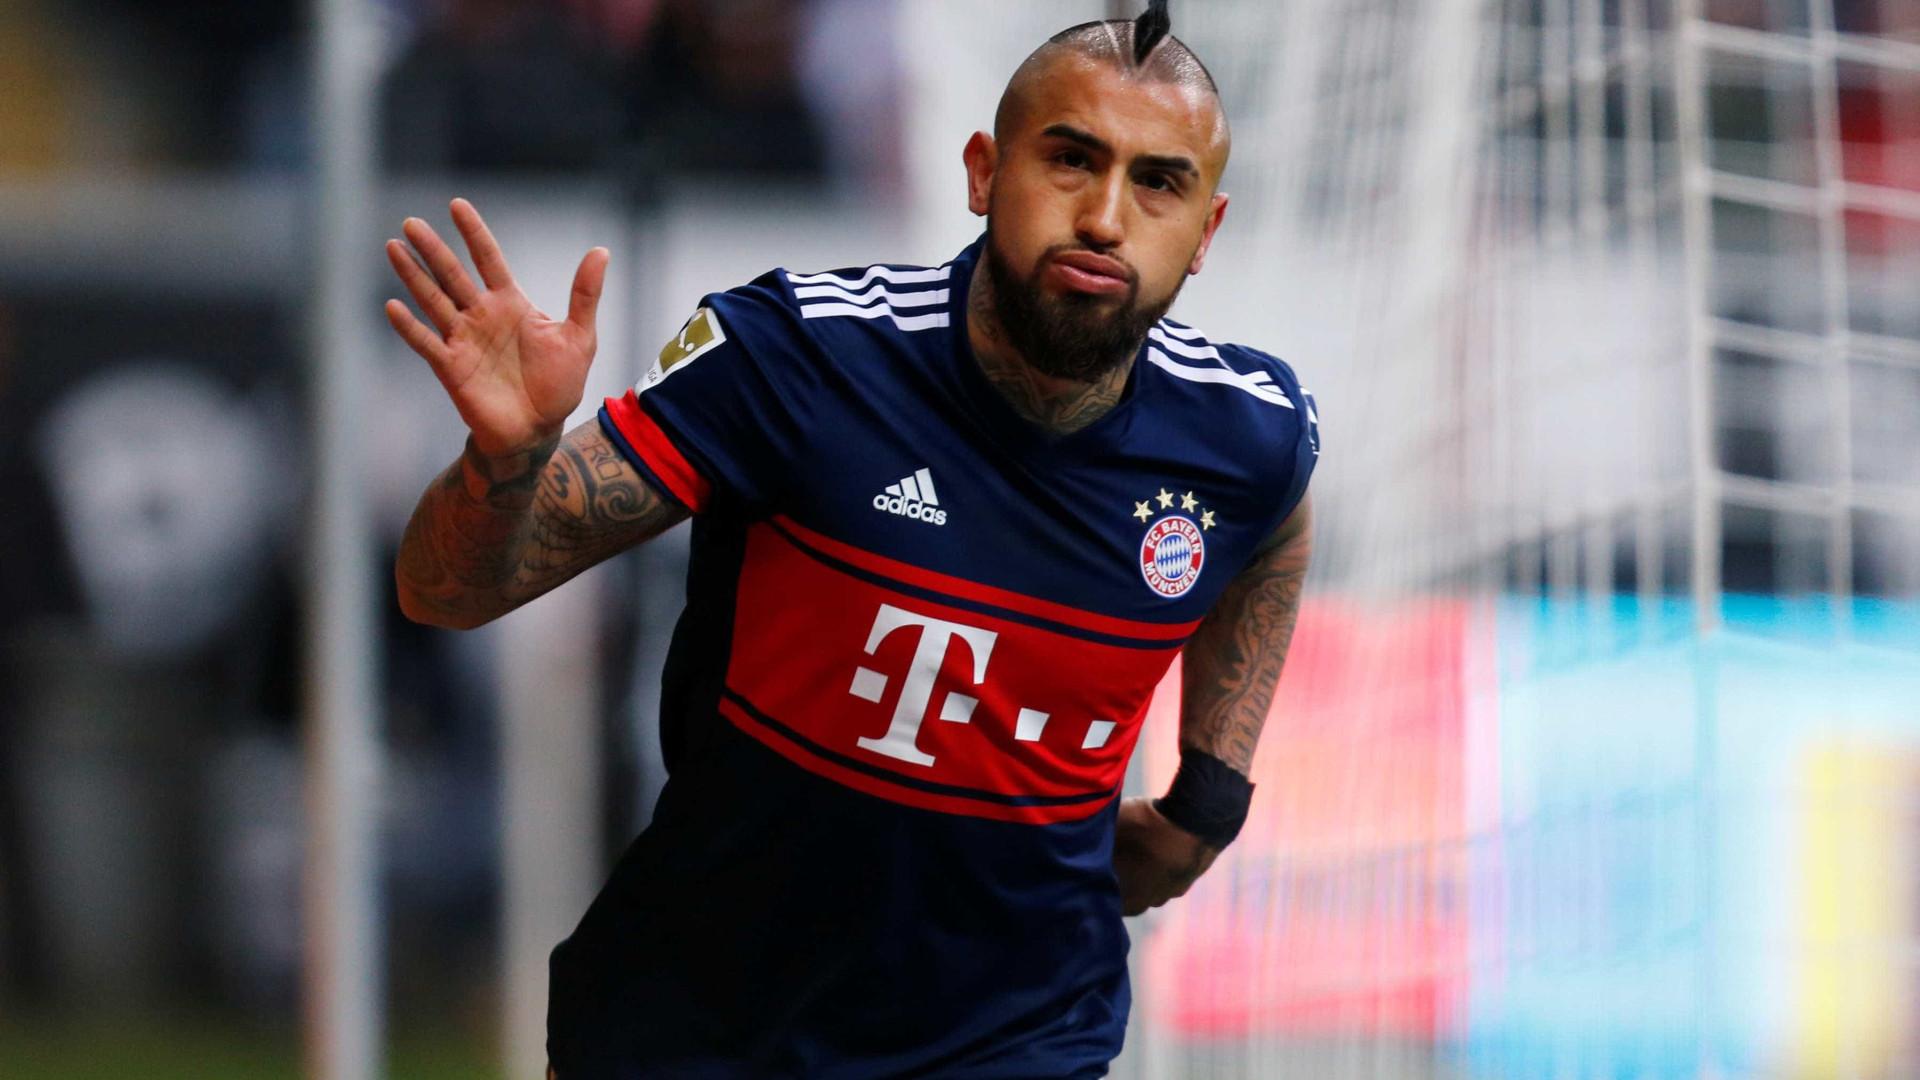 Vidal submetido a intervenção médica está em dúvida jogo com Real